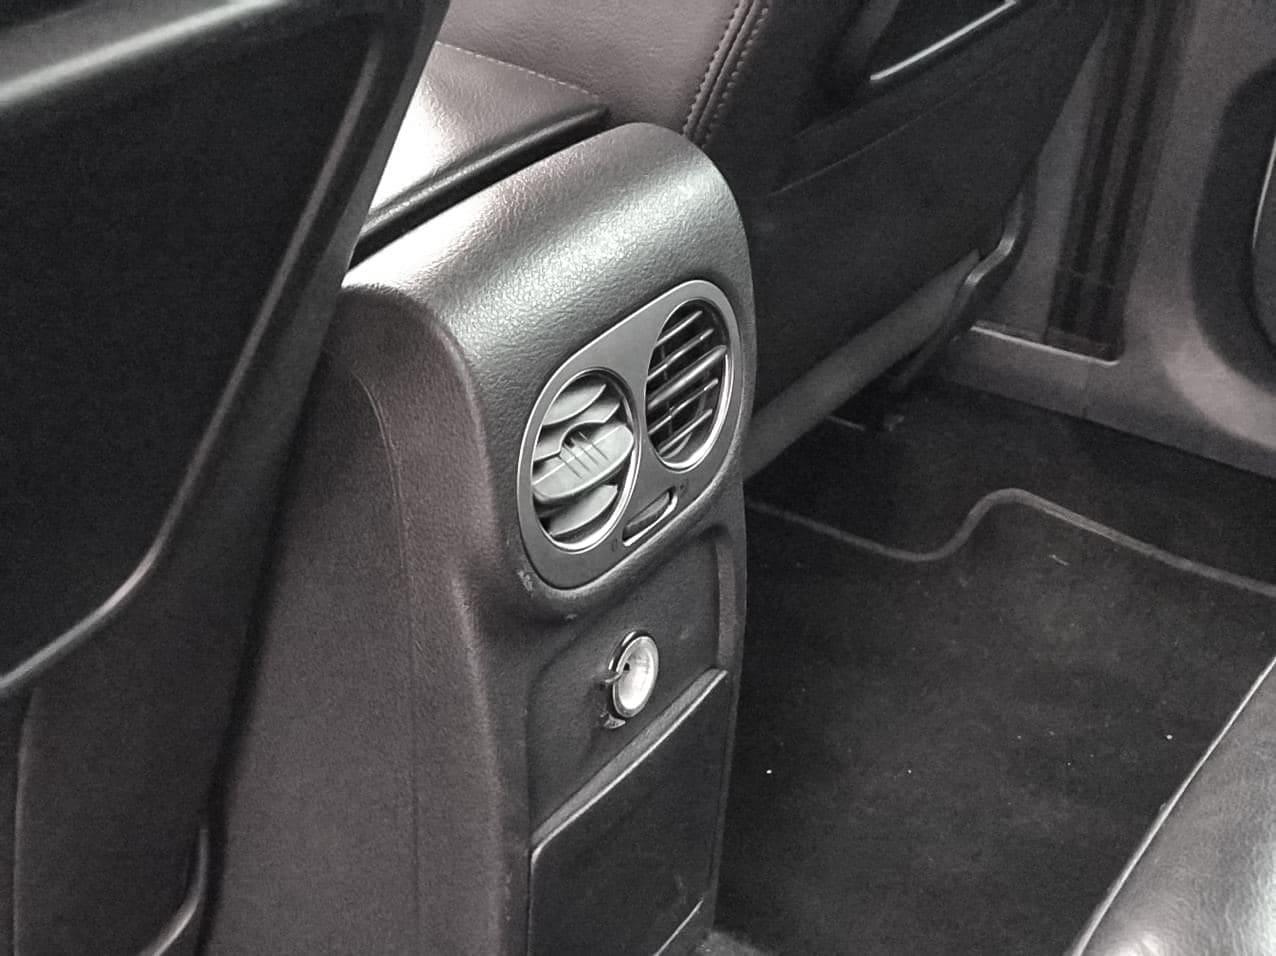 2010 Volkswagen TIGUAN   Vin: WVGZZZ5NZBW044214